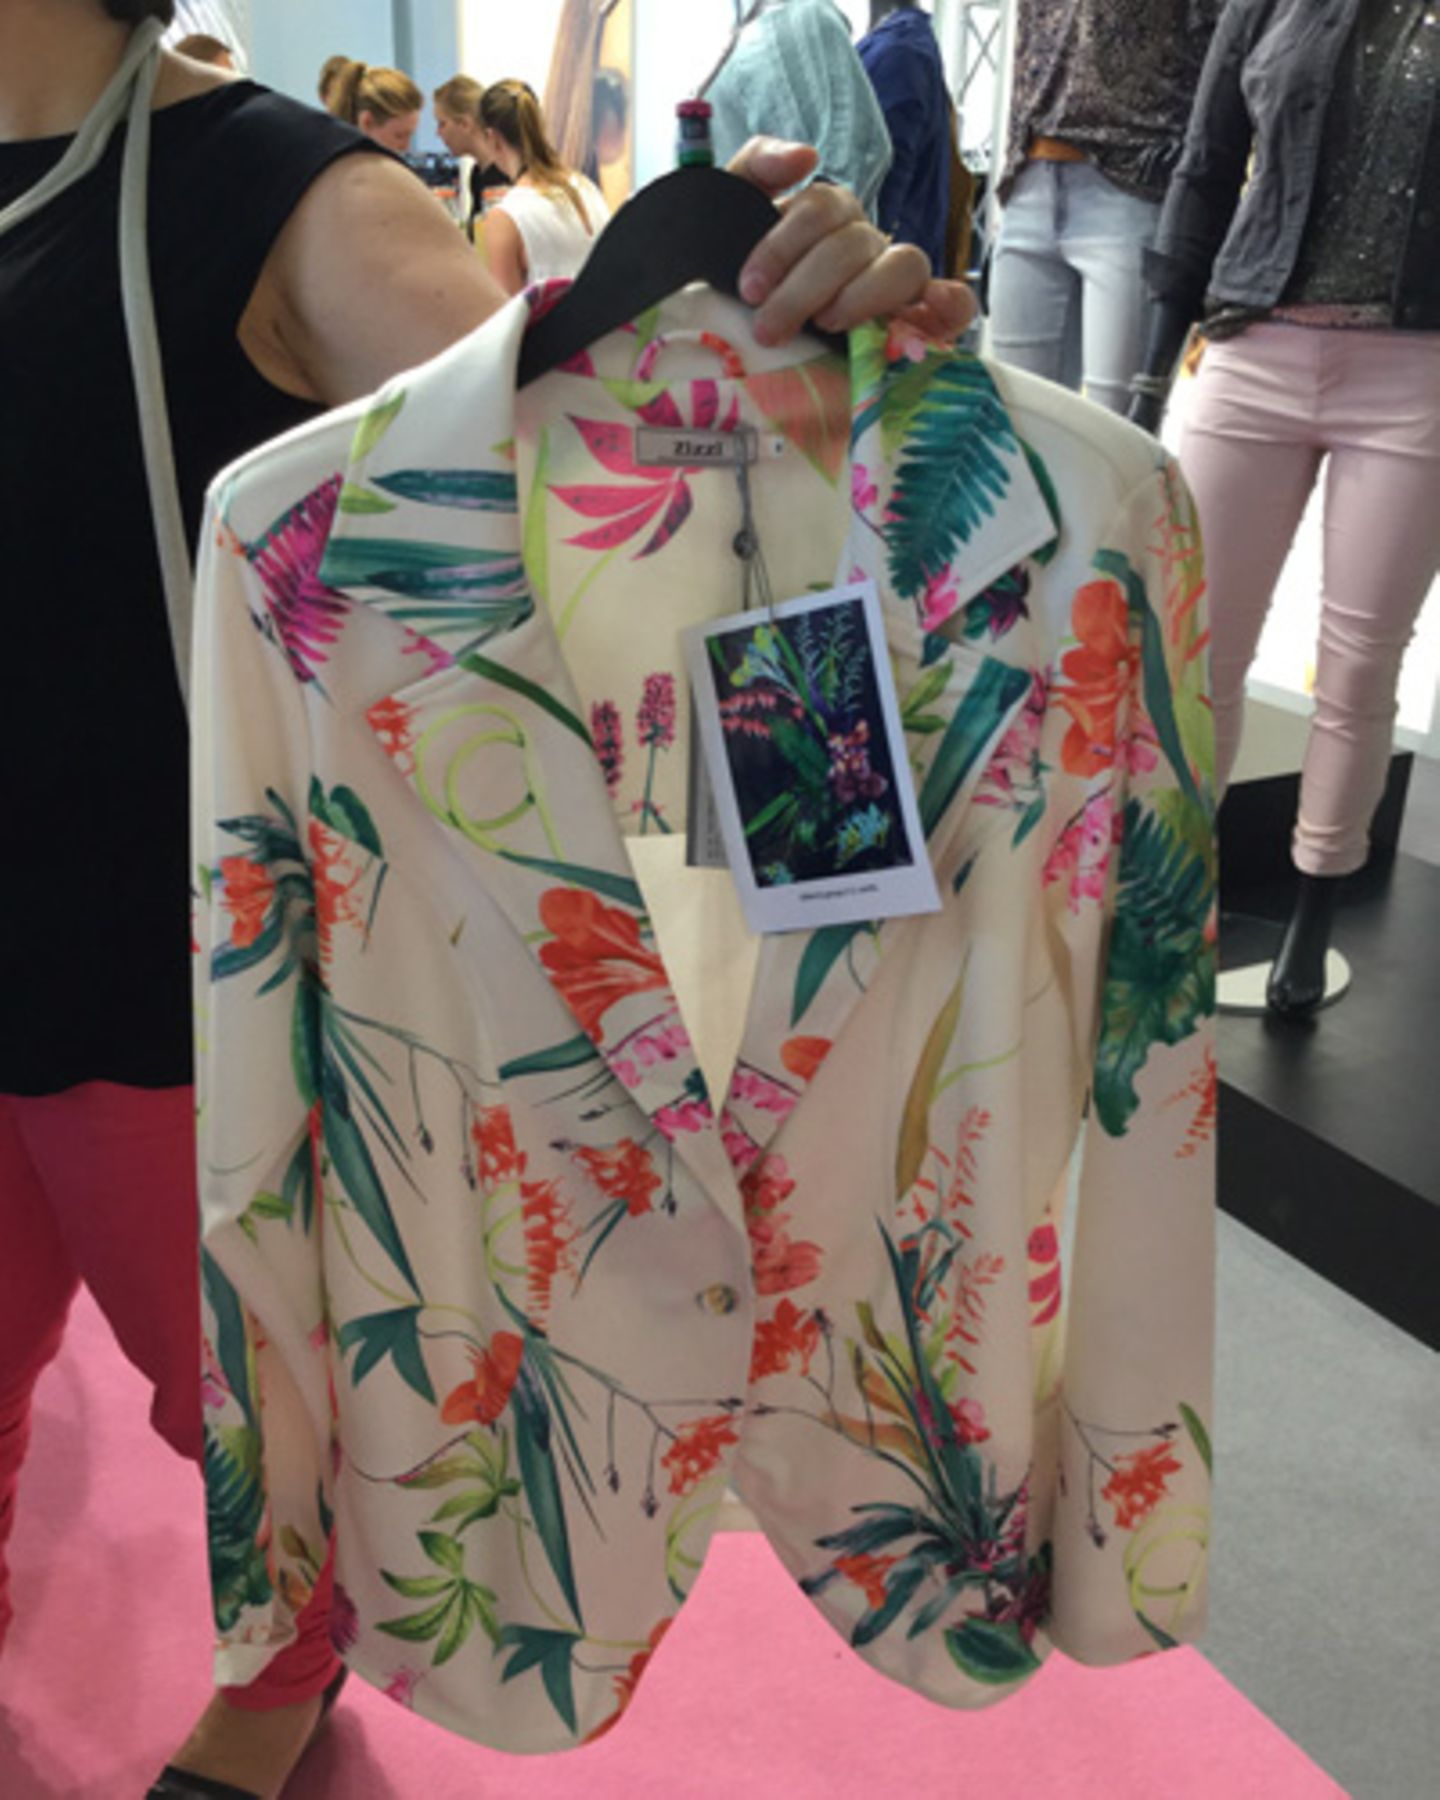 """Mit der Messe """"Curvy"""" hat sich auf der Mercedes-Benz Fashion Week Berlin eine Plattform für Plus-Size-Mode etabliert. Dieses Jahr haben die Labels für große Größen ihre neuen Trends im Schloss Charlottenburg präsentiert. Wir waren vor Ort und haben einige Favoriten für den Sommer 2016 entdeckt - zum Beispiel diesen umwerfenden Flower-Power-Blazer des dänischen Labels Zizzi."""